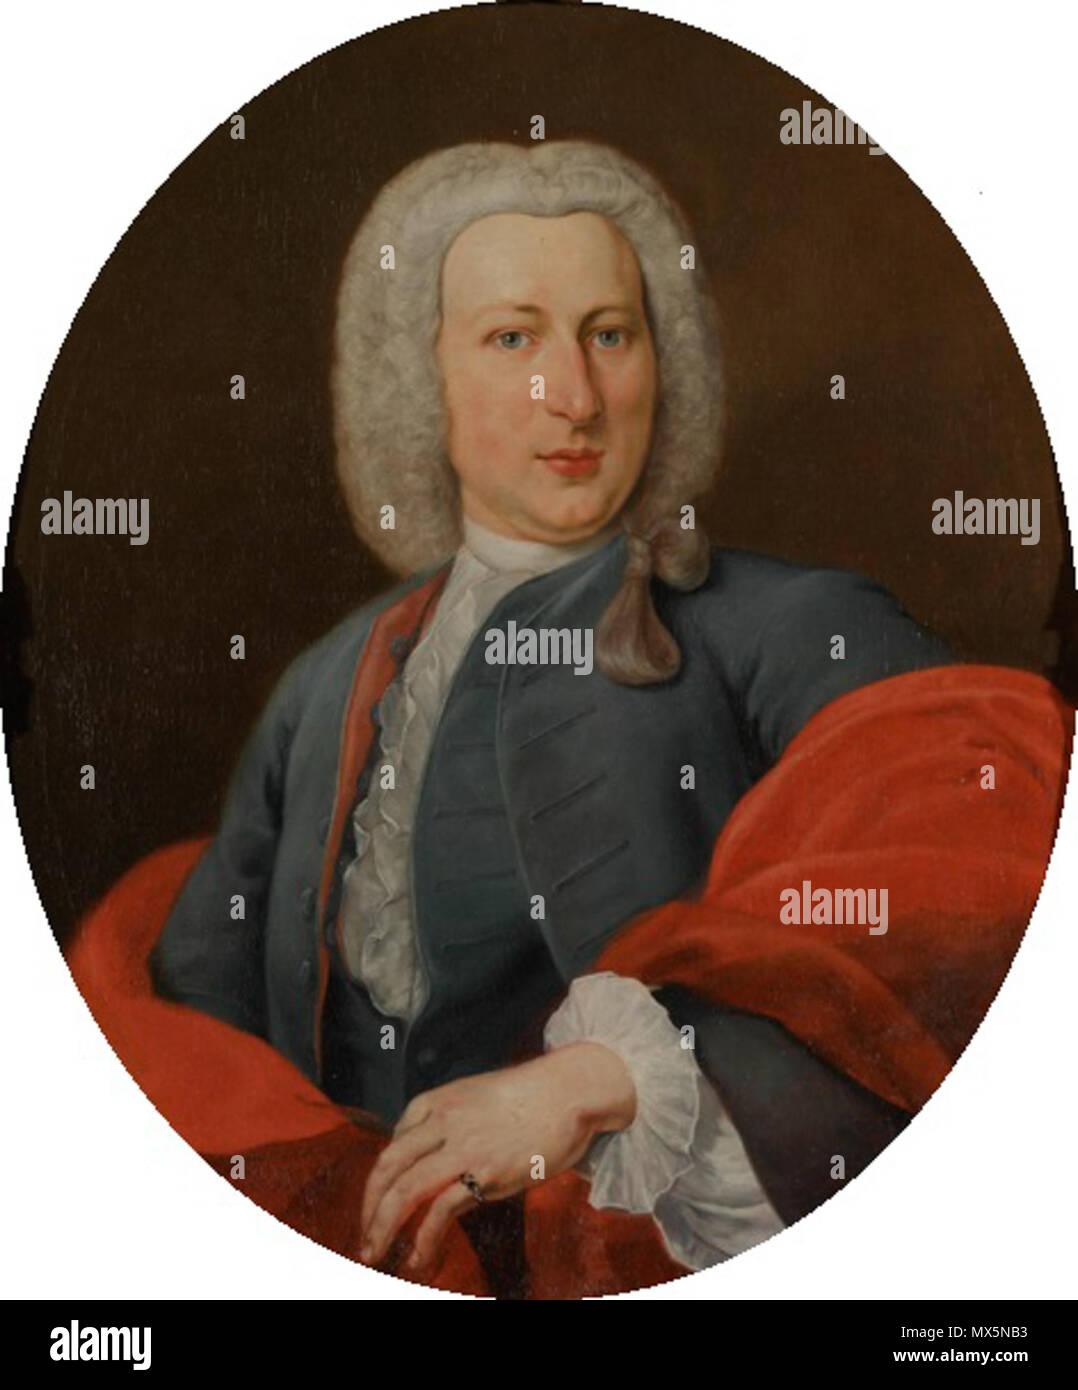 . Nederlands: Michiel van Bolhuis . 1739. Johannes Antiquus (1702-1750) 320 Johannes Antiquus - Michiel van Bolhuis - Stock Image